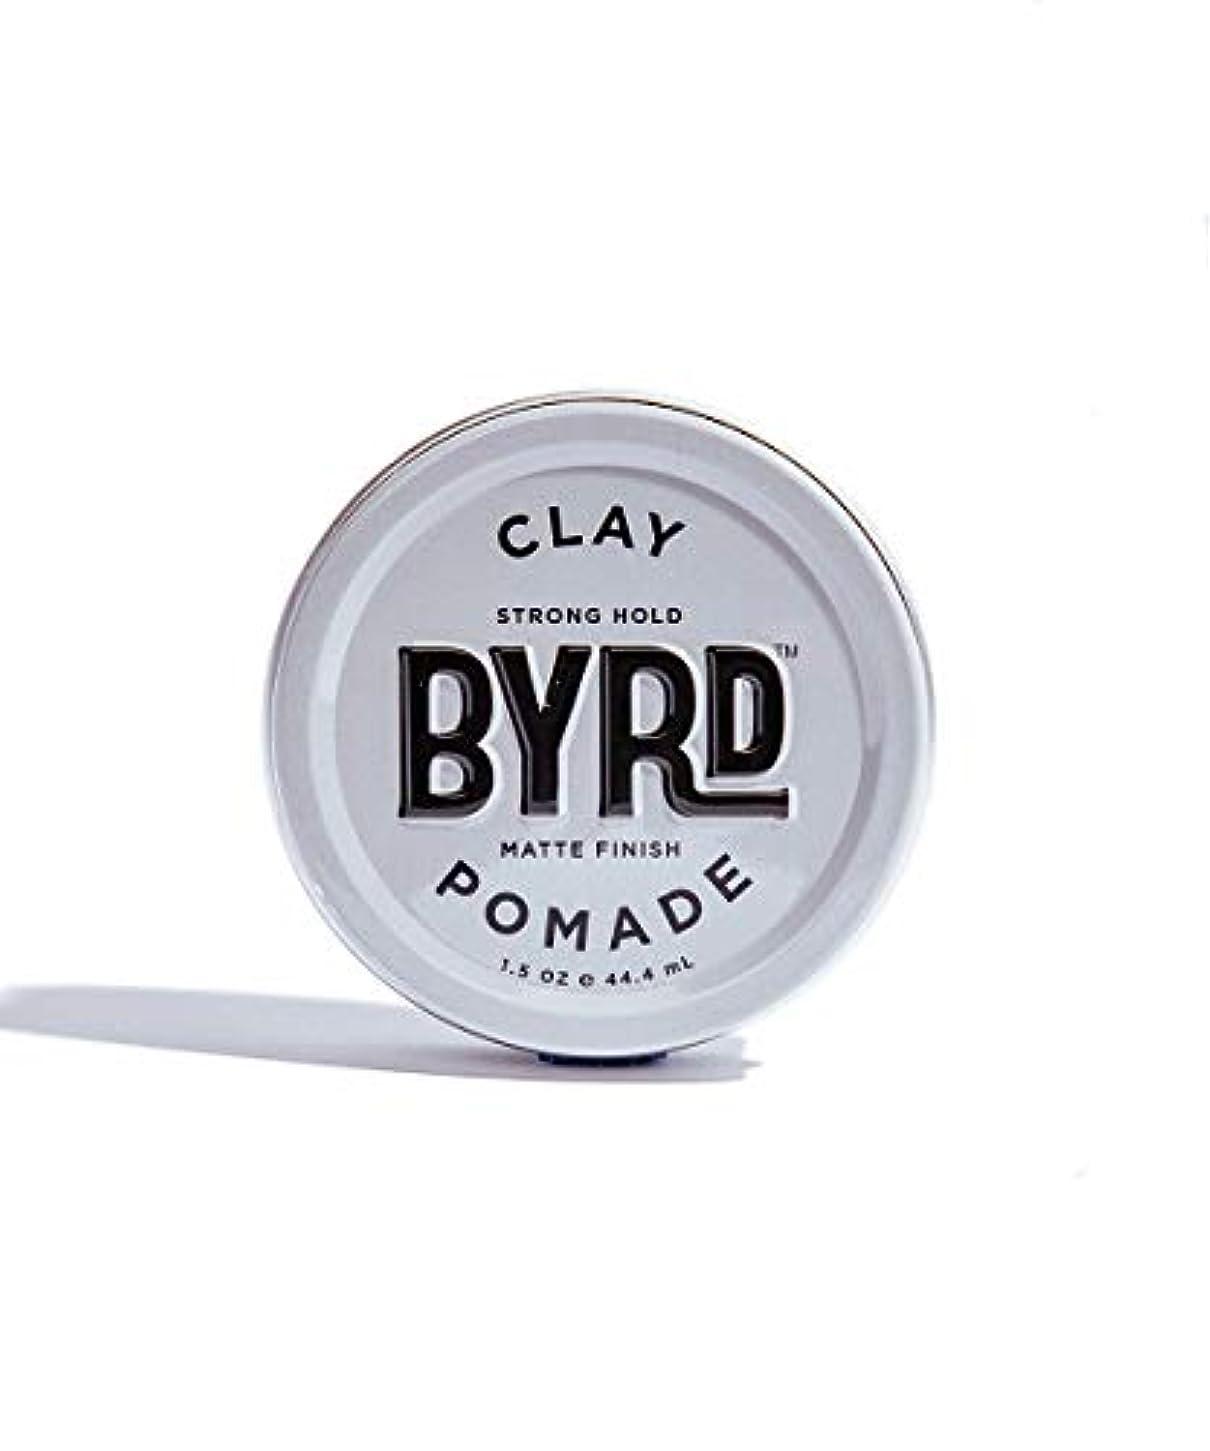 リゾートカラス印象的BYRD/クレイポマード 42g メンズコスメ ワックス ヘアスタイリング かっこいい モテ髪